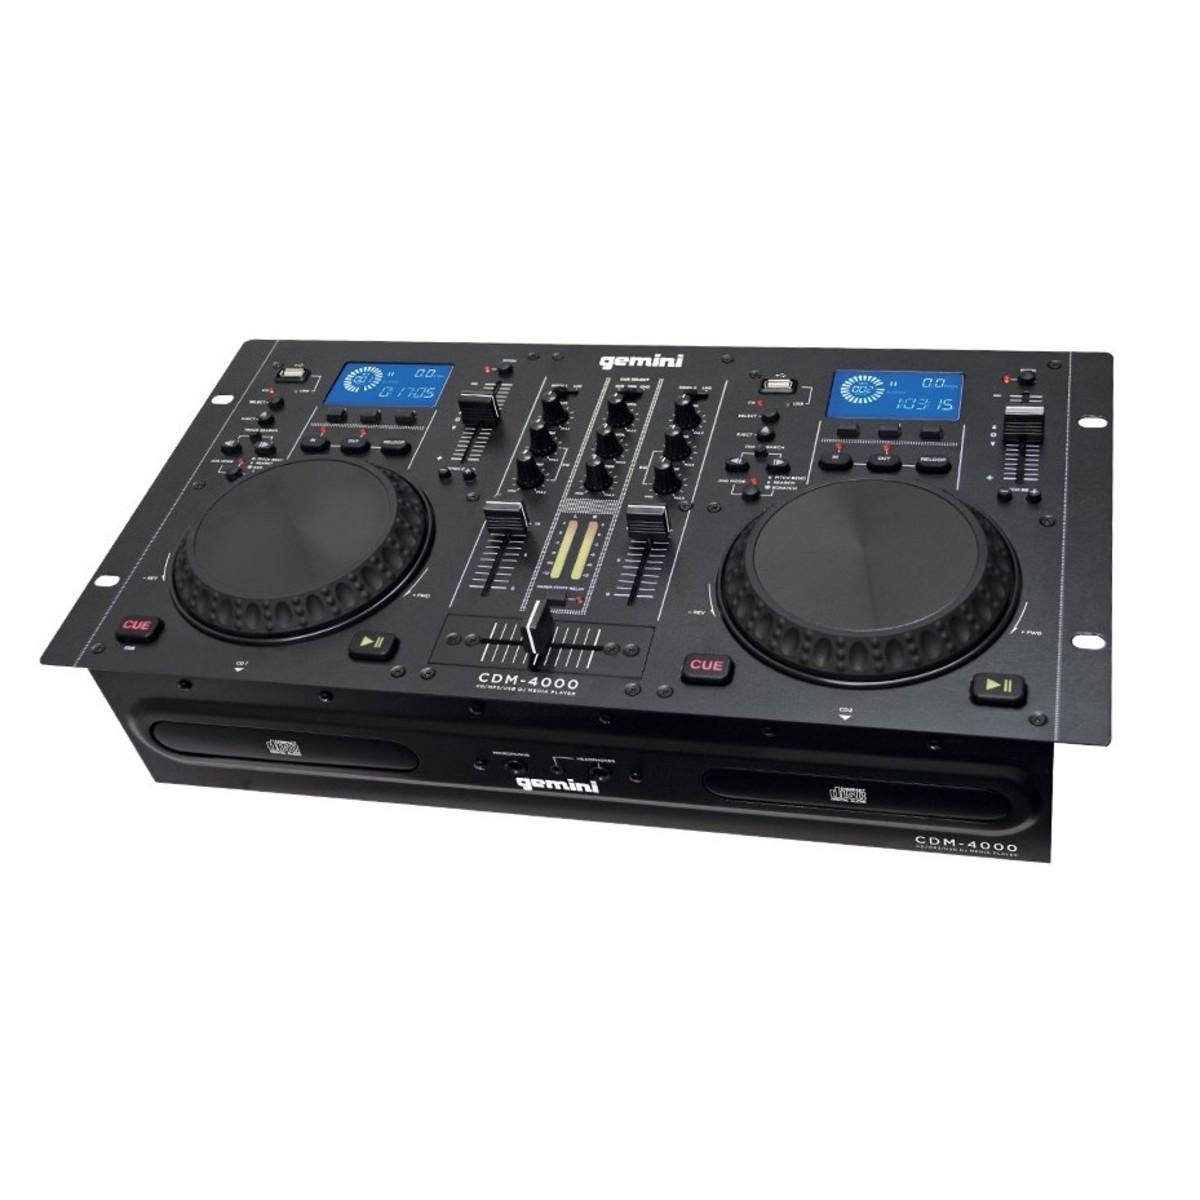 Gemini CDM-4000 CD Mixer Combo At Gear4music